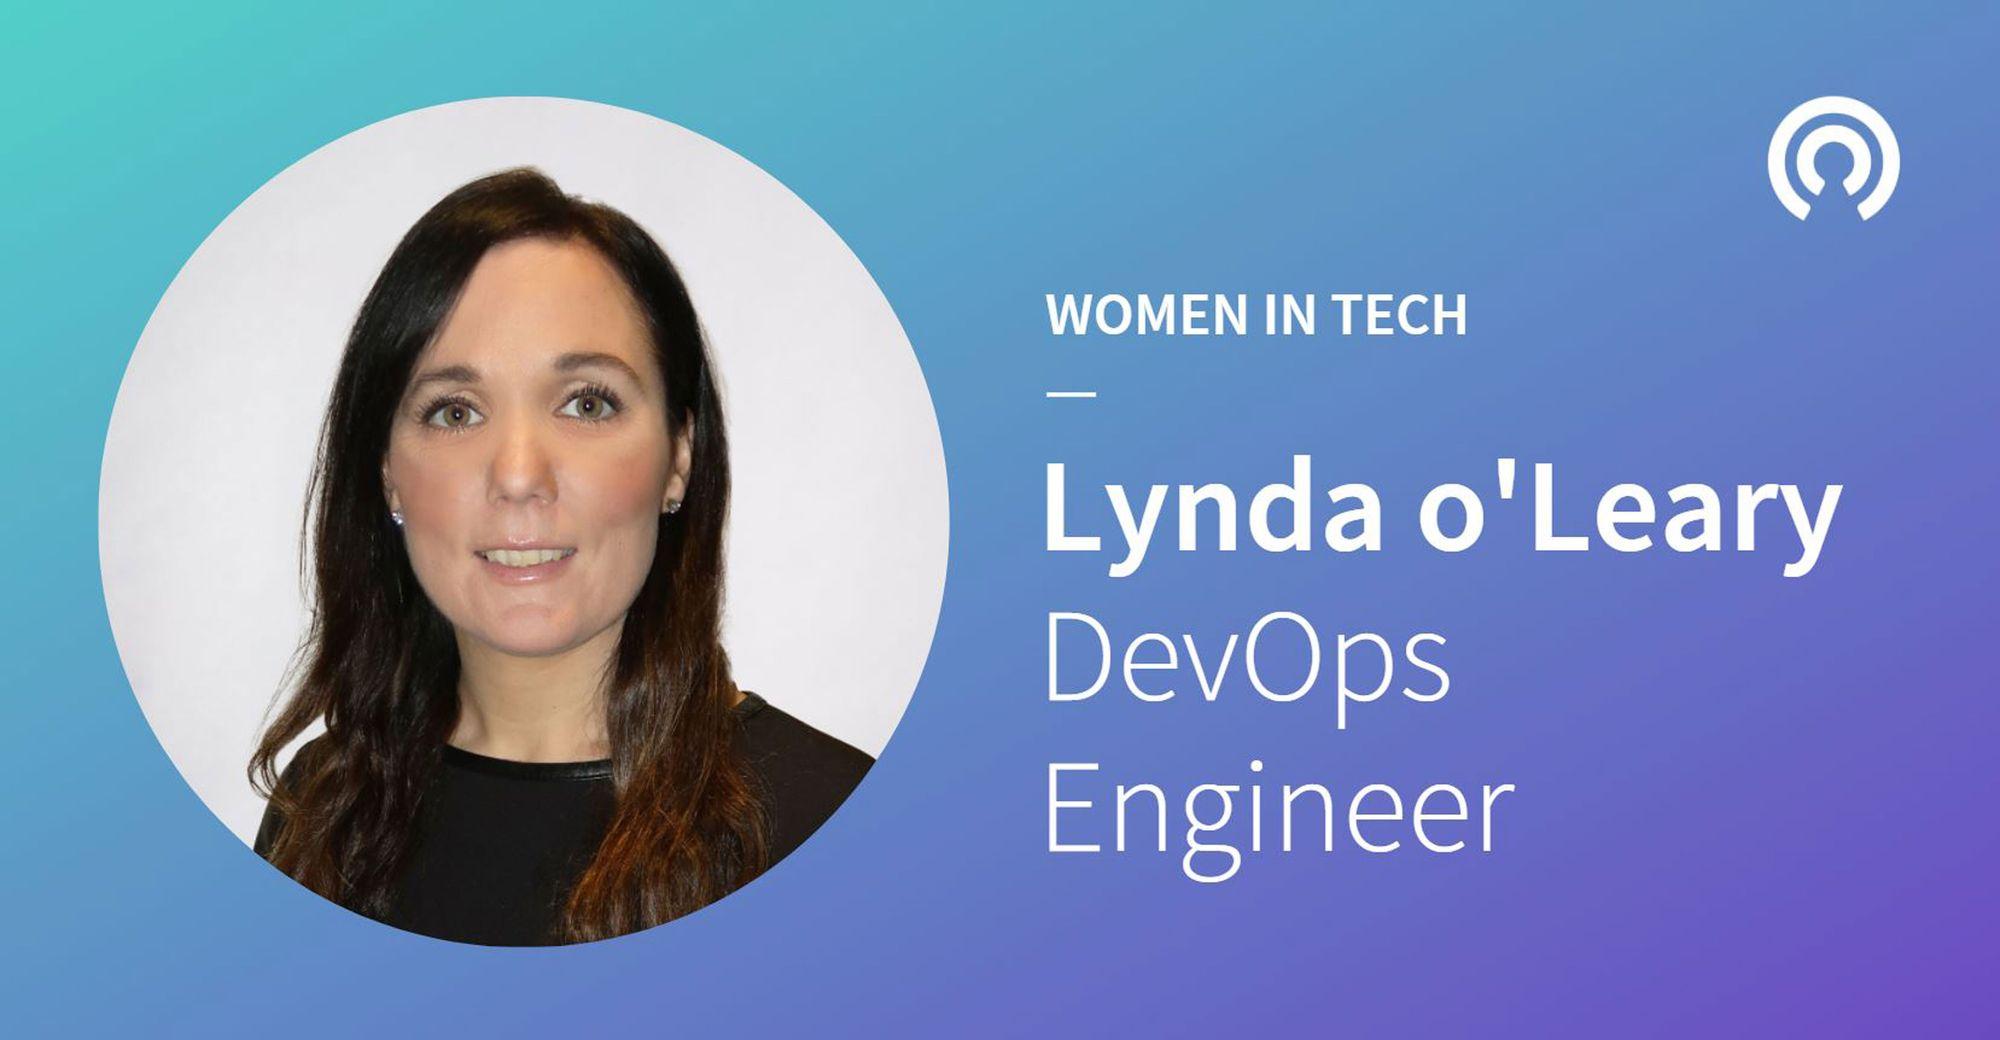 Women in tech Lynda